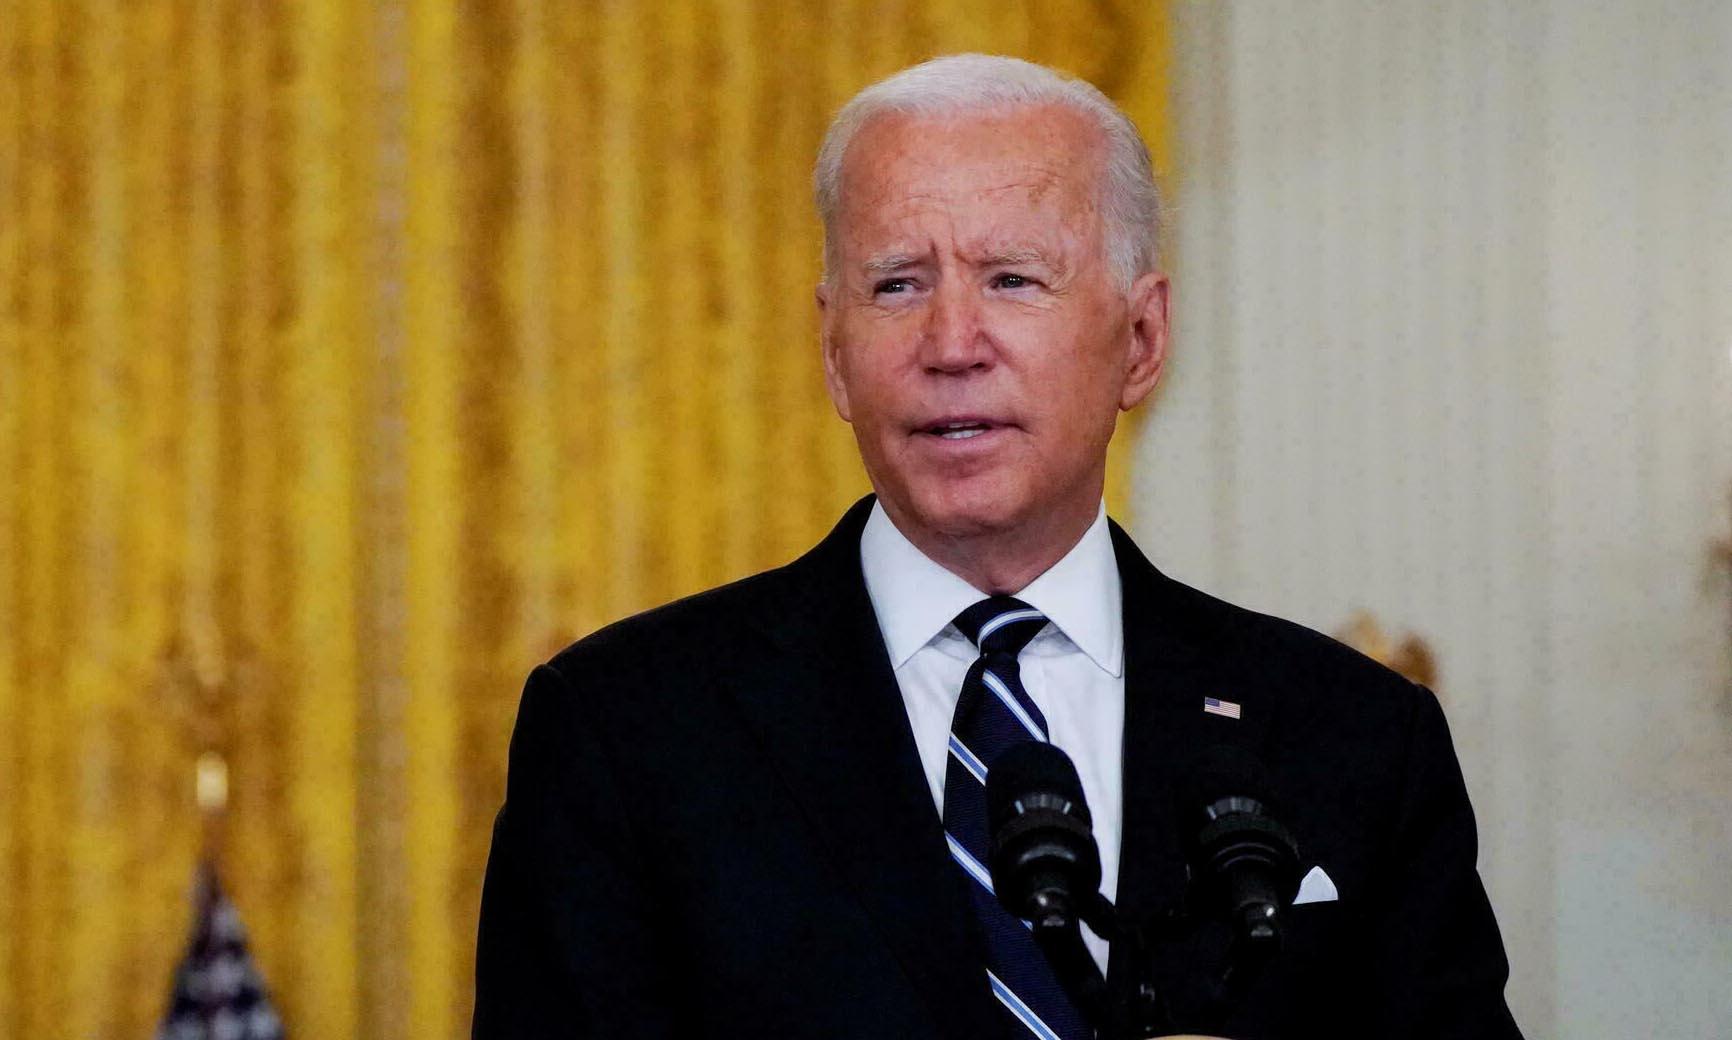 Tổng thống Mỹ Joe Biden phát biểu tại Nhà Trắng hôm 18/8. Ảnh: Reuters.